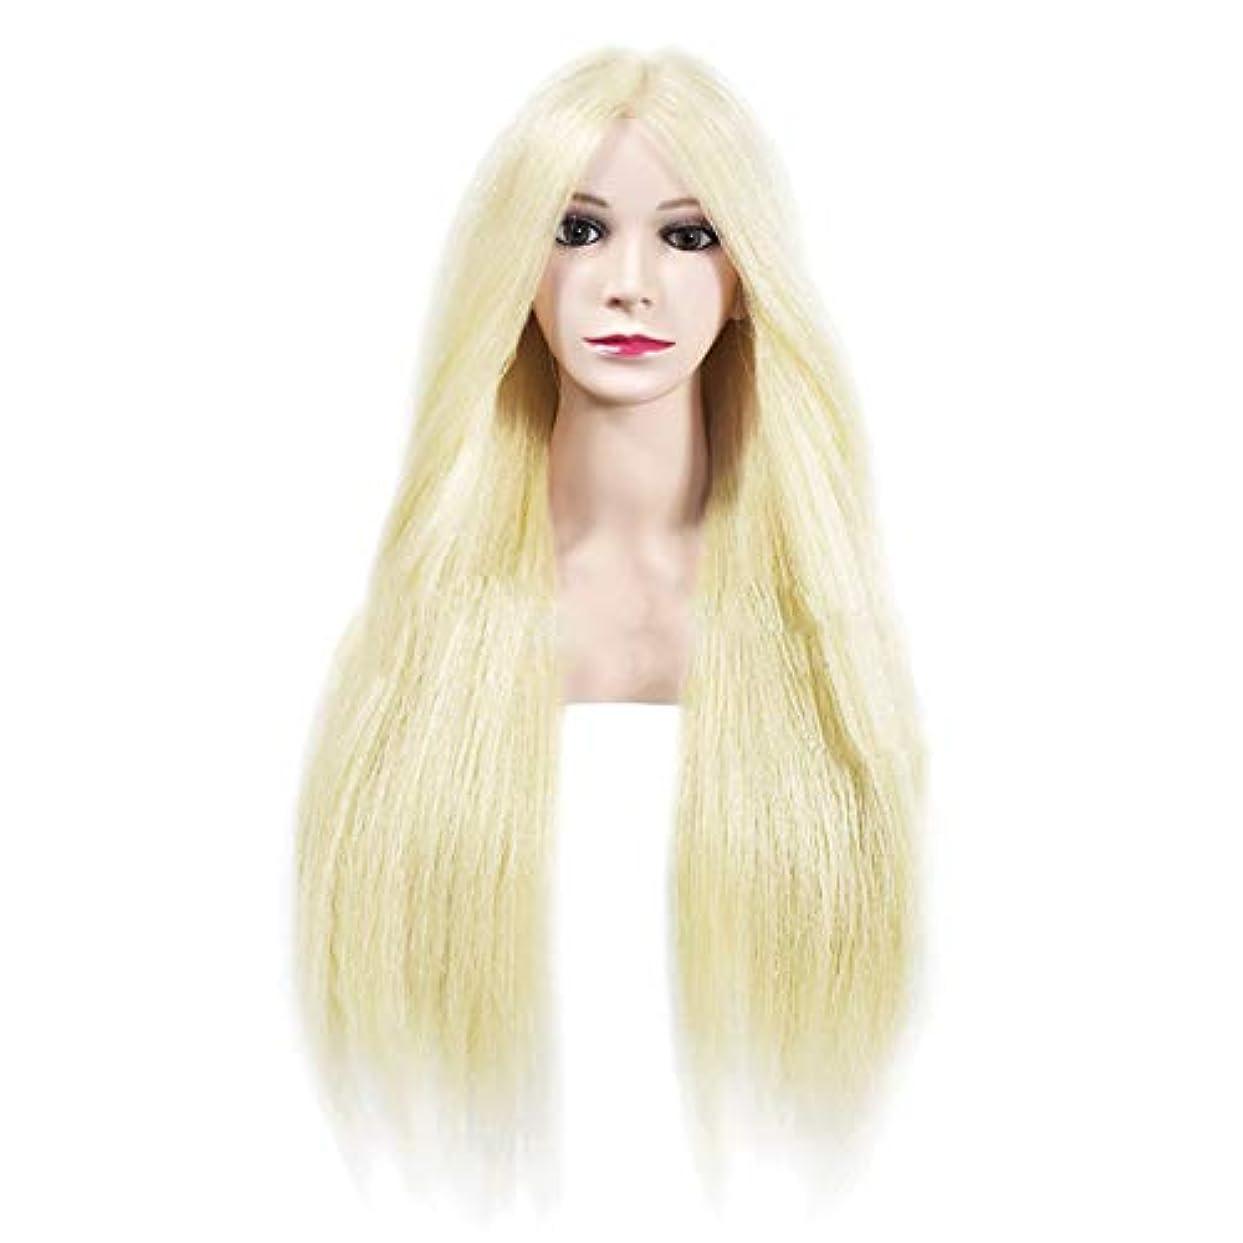 変装ピアノリベラル専門の練習ホット染色漂白はさみモデリングマネキン髪編組髪かつら女性モデルティーチングヘッド